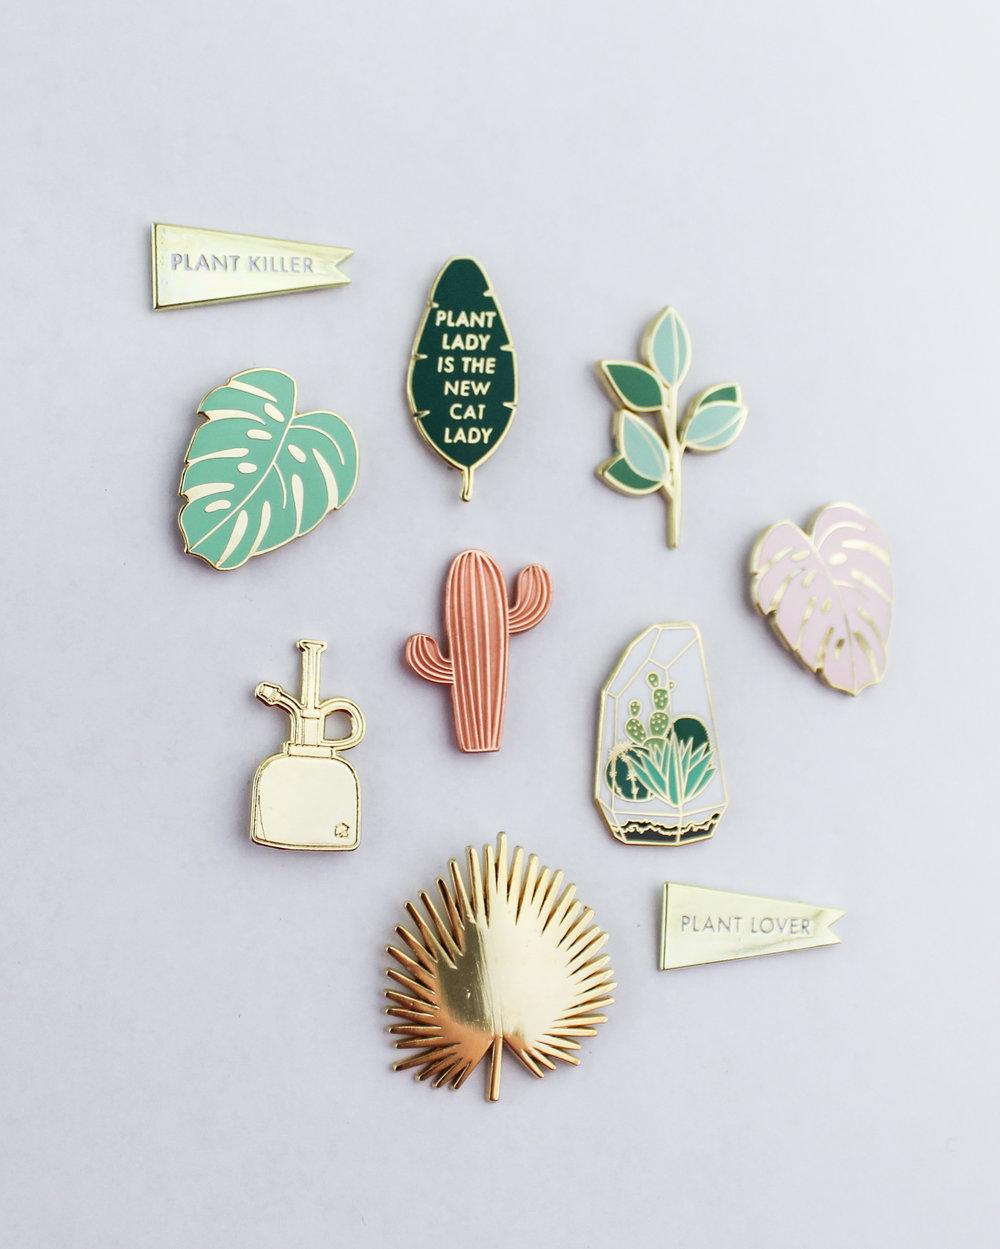 Enamel Pins by Hemleva | hemleva.com